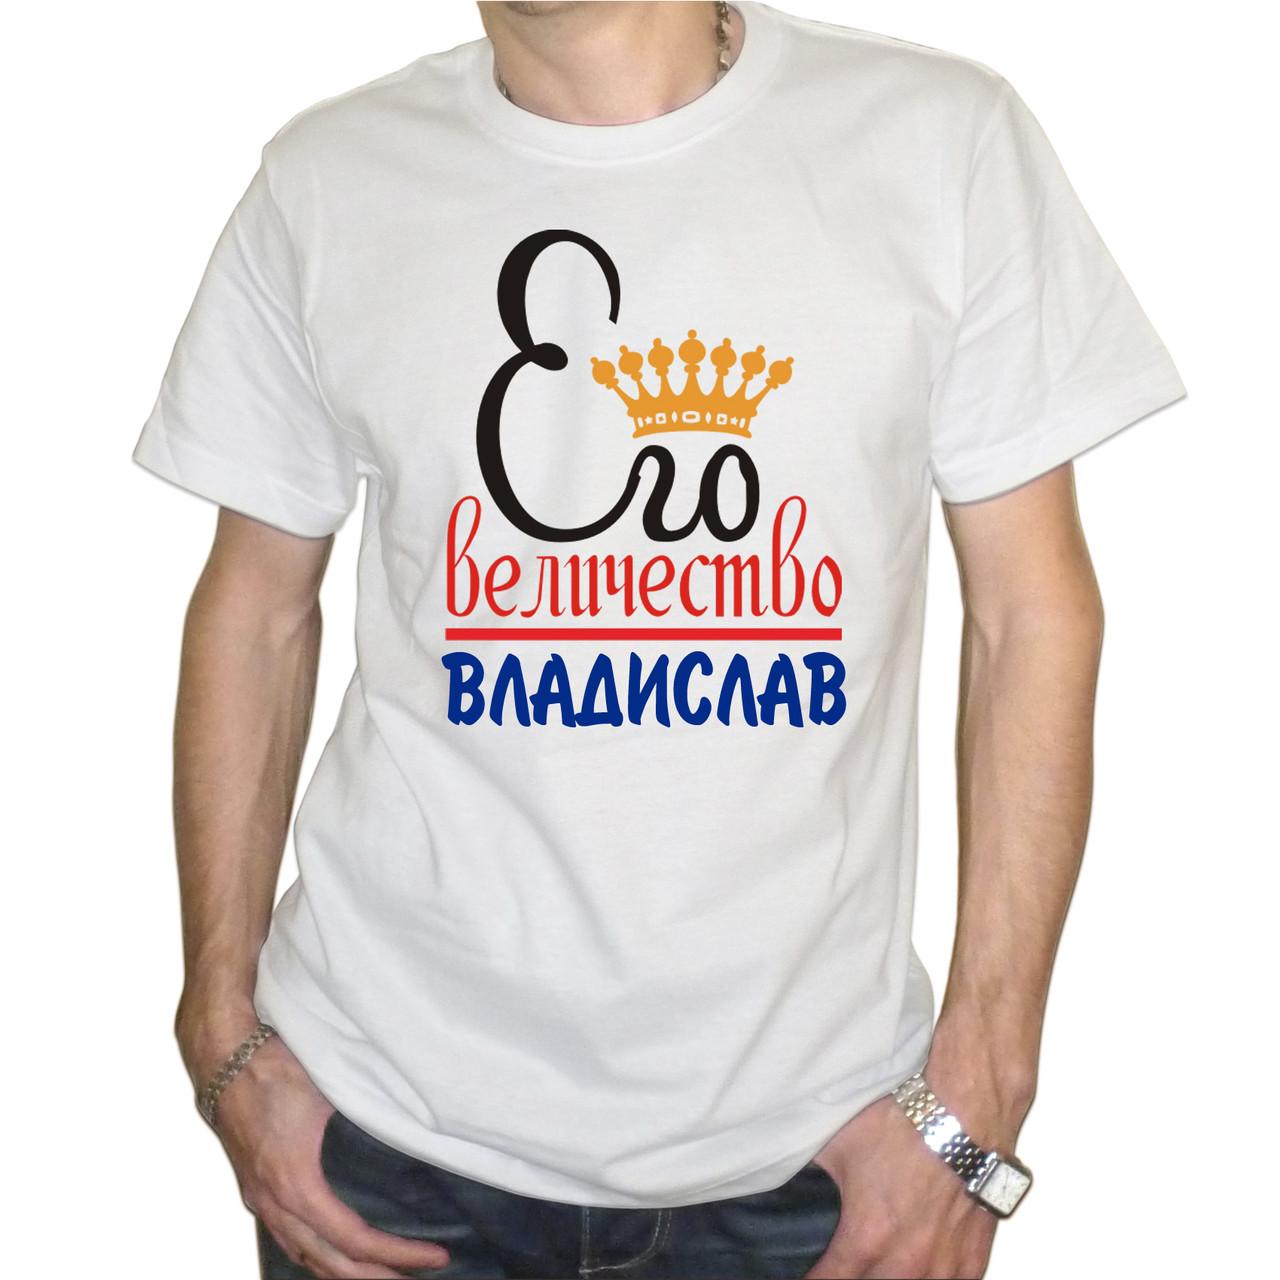 """Мужская футболка """"Его величество Владислав"""""""